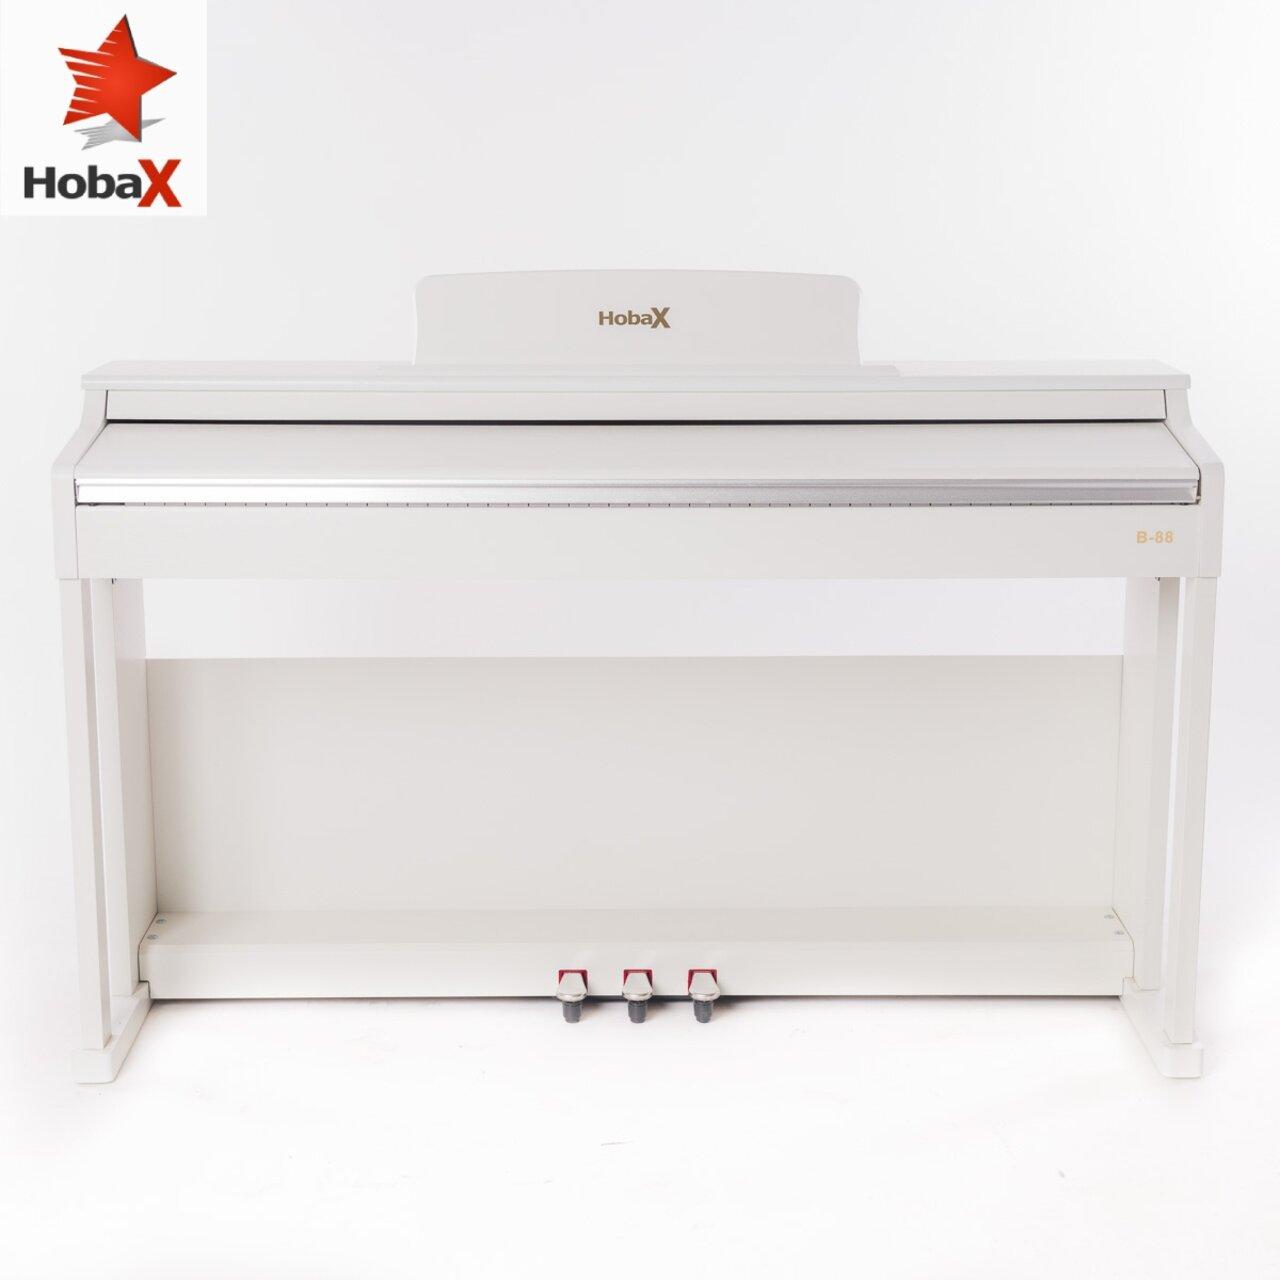 Дигитално пиано Hobax B-88, БЯЛ цвят, 88 клавиша HAMMER ACTION тежка клавиатура, 7 октави, 8 звуци, 128 ритми, с тройна педалиера. +3 ПОДАРЪКА – слушалки, стикери за клавиши и покривало